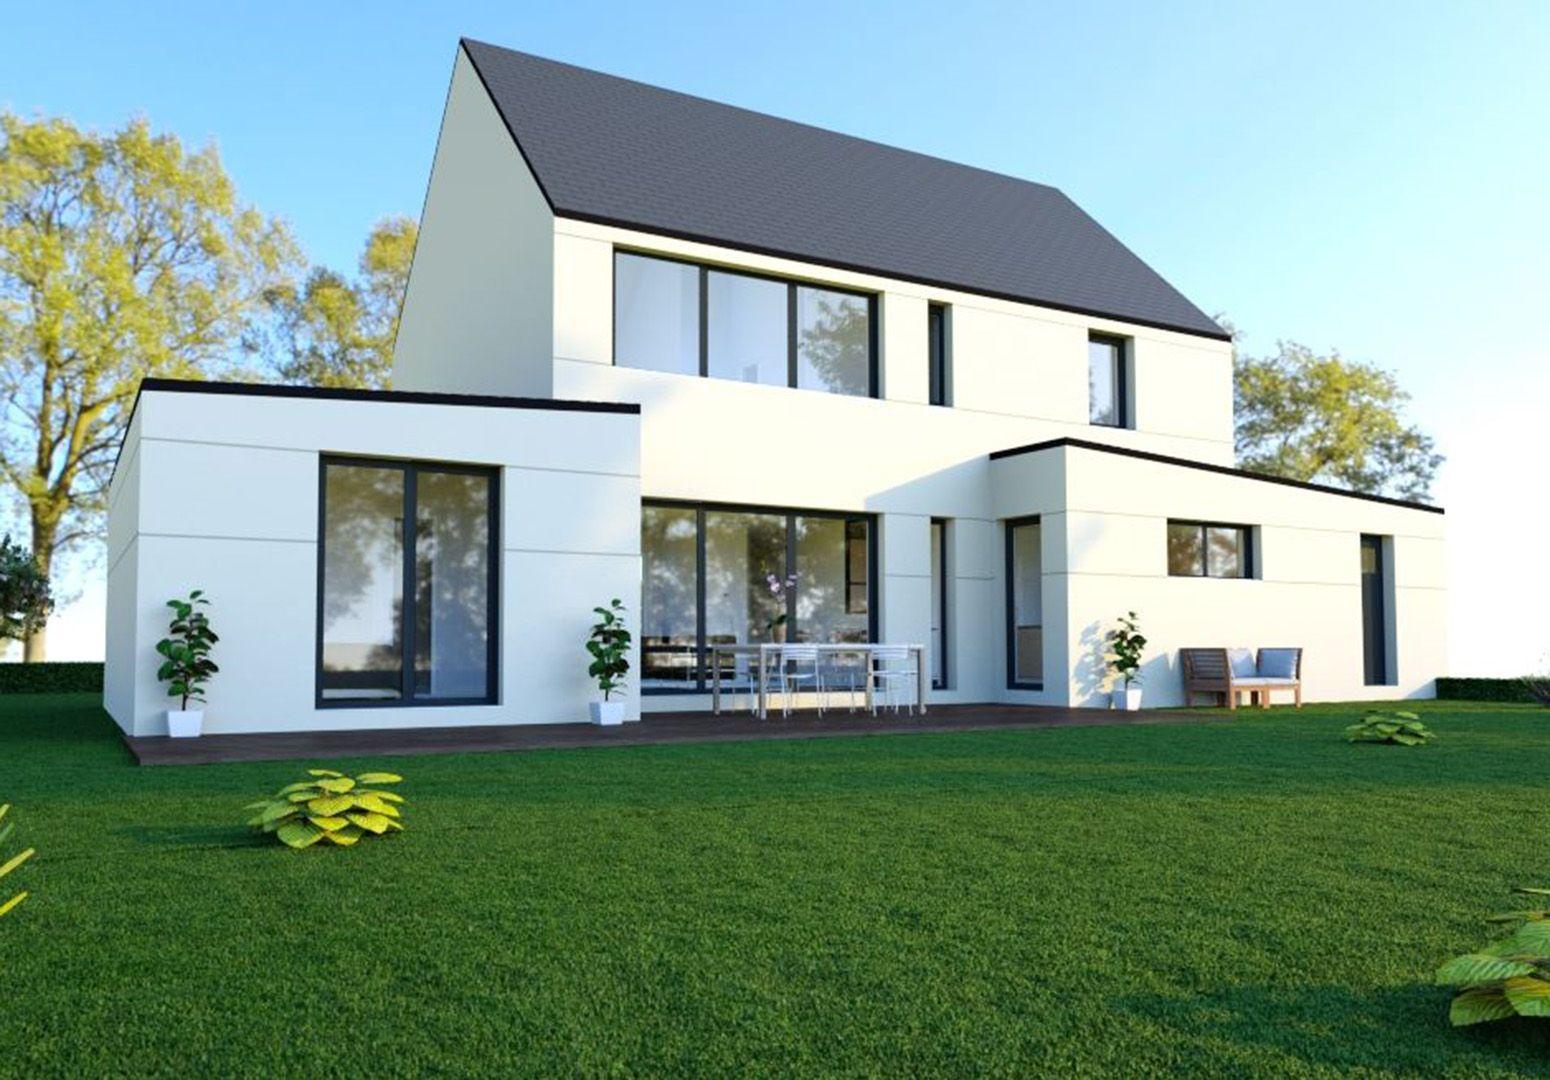 Image du modèle de maison SAINT-BRIEUC 3CH 140